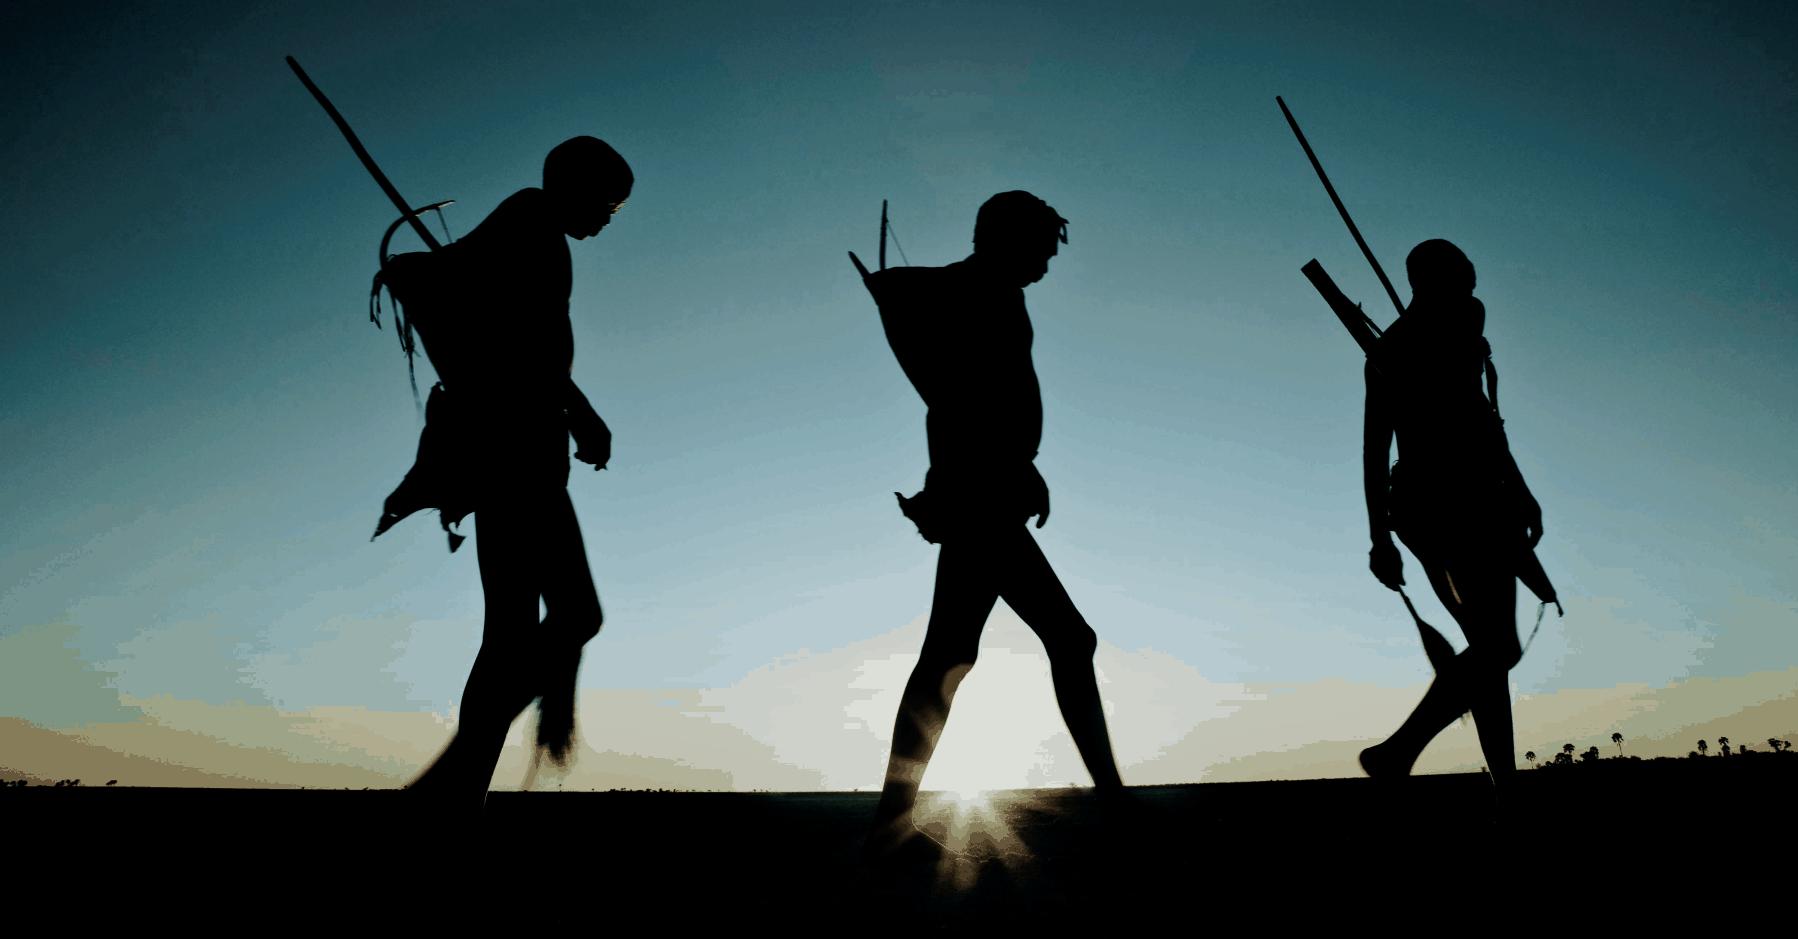 Nuova ricerca rivoluziona le teorie sulle migrazioni in Europa